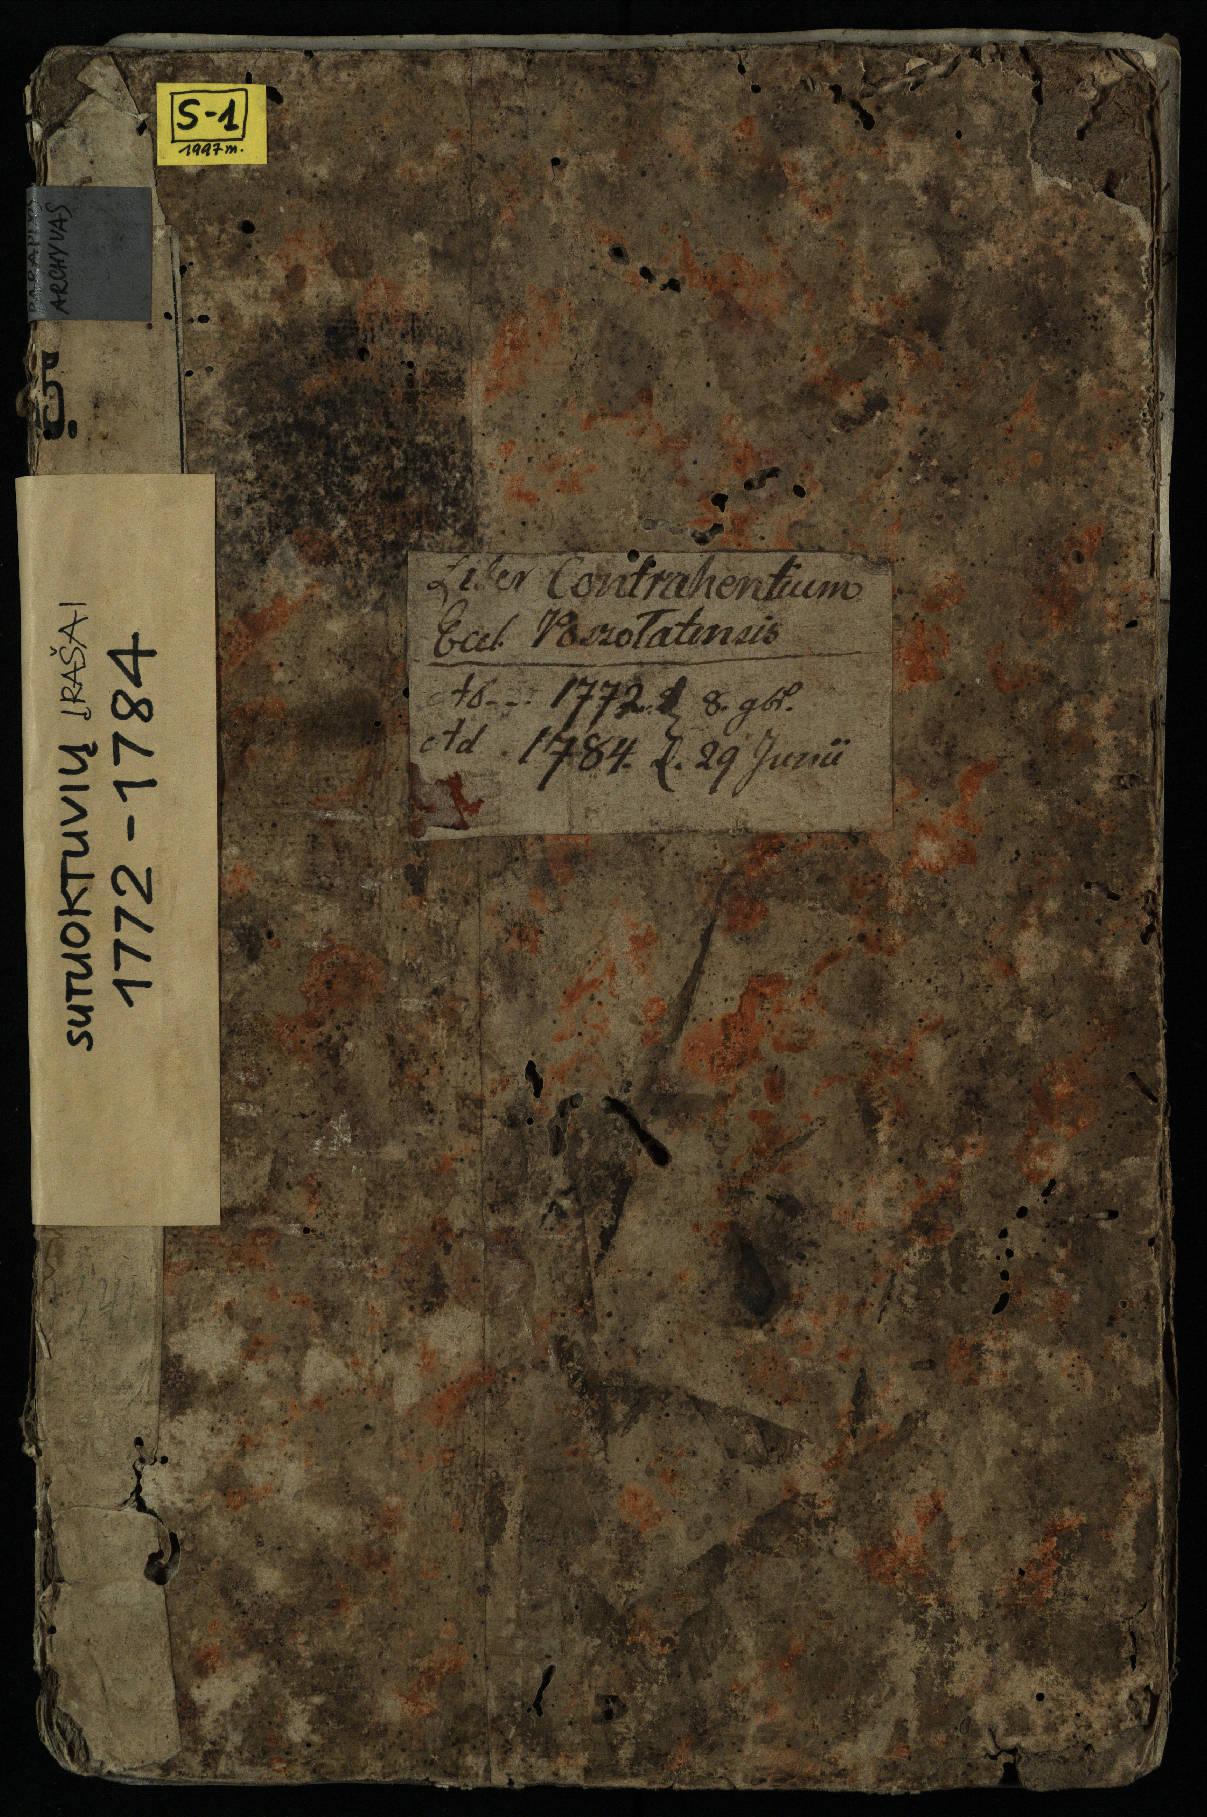 Pušaloto Romos katalikų parapijos bažnyčios 1772–1784 metų jungtuvių metrikų knyga